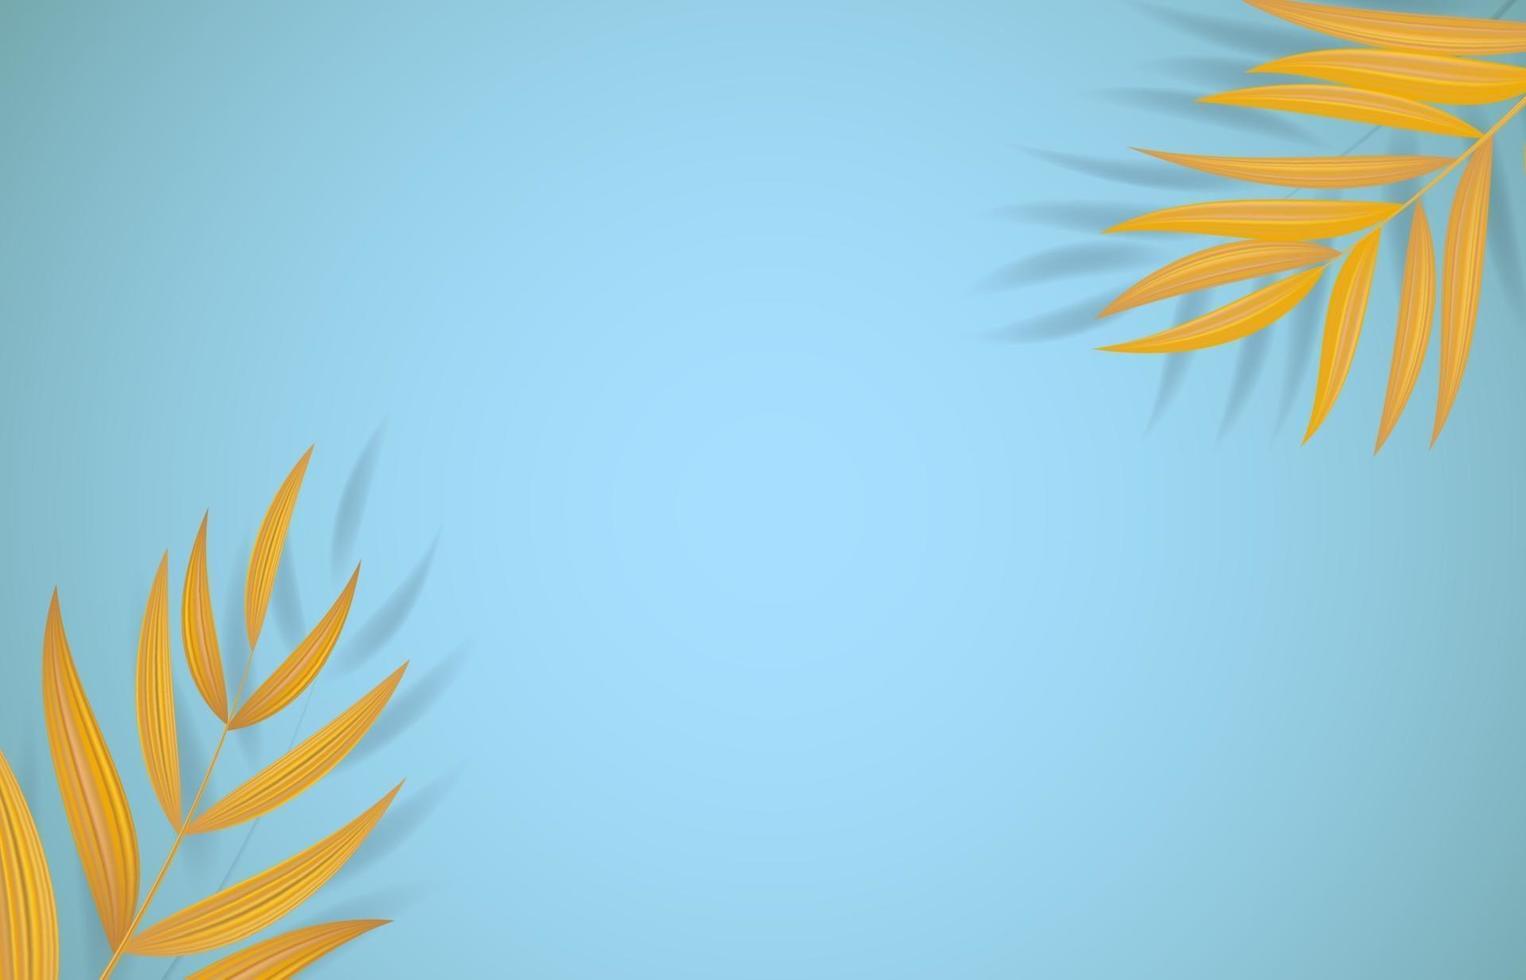 foglie di palma tropicali realistiche naturali. illustrazione vettoriale con copia spazio